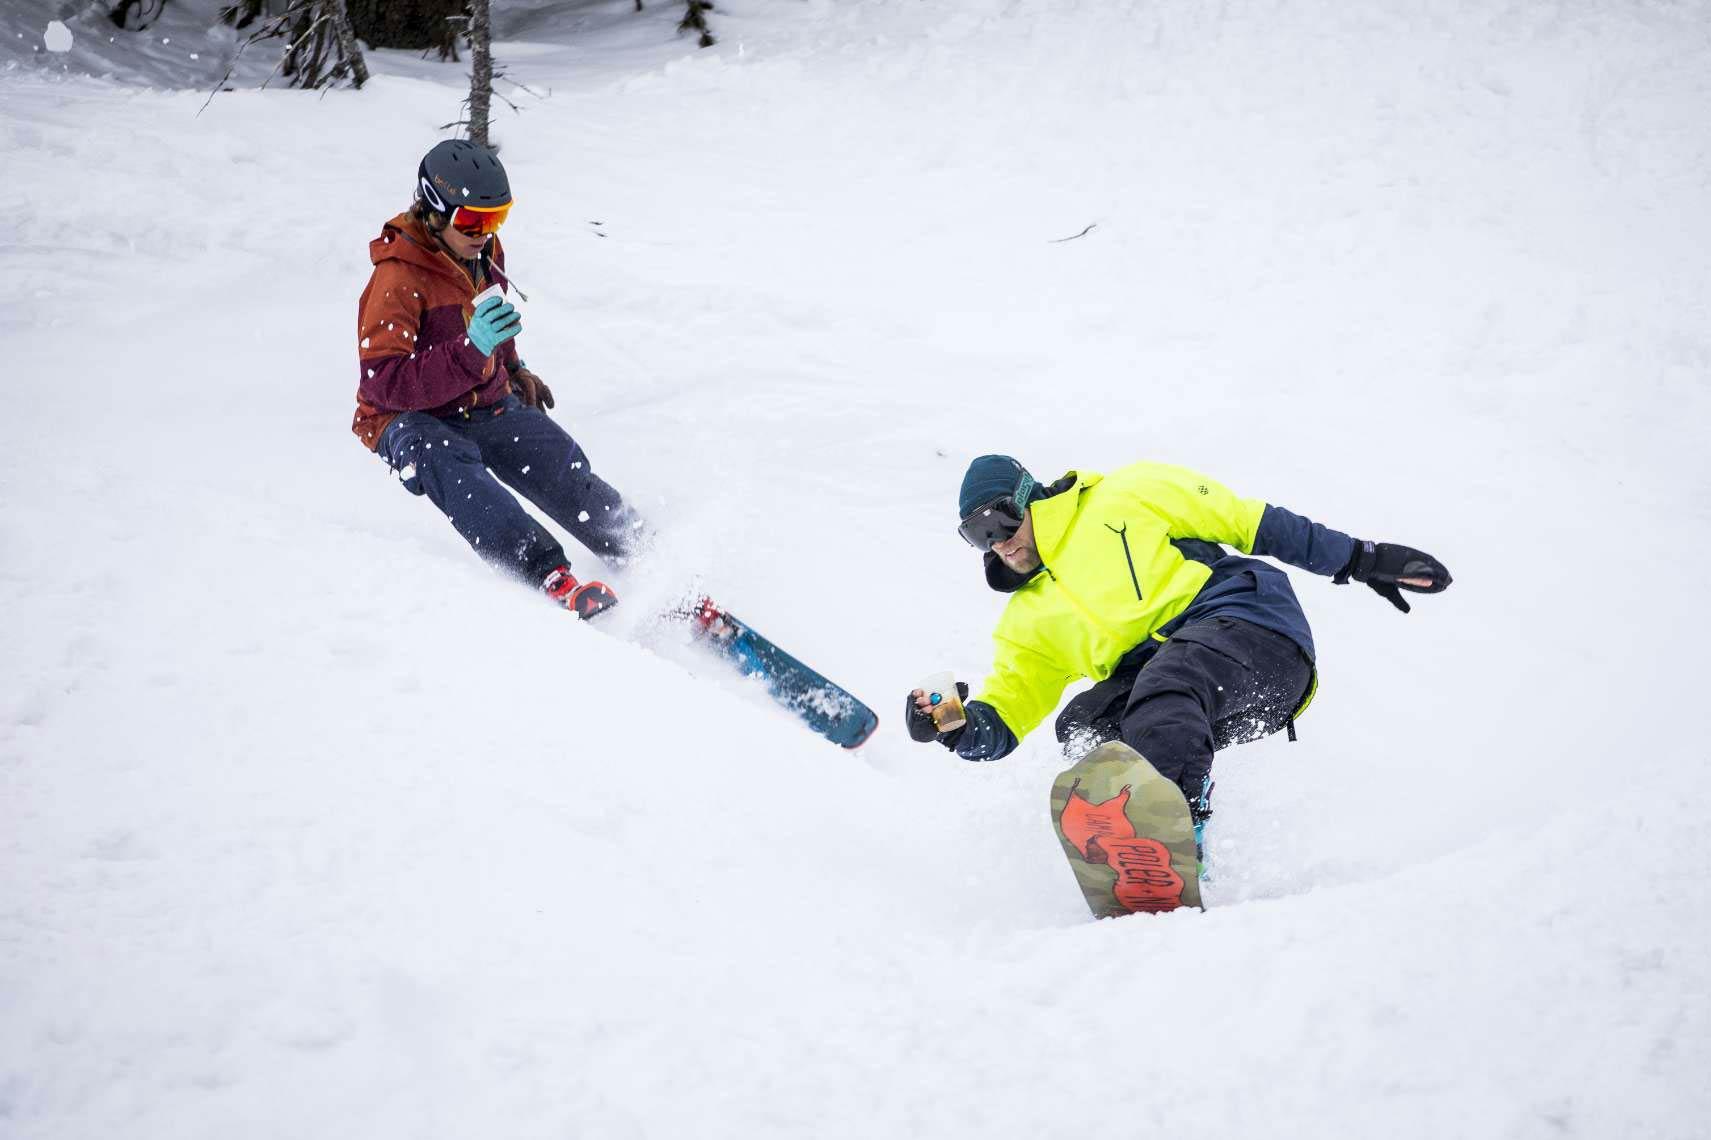 Egal ob mit Ski oder Snowboard, bei der Bier-Fun-Challenge musste der Becher möglichst mit dem Gerstensaft möglichst voll bleiben - Foto: Rudi Janda